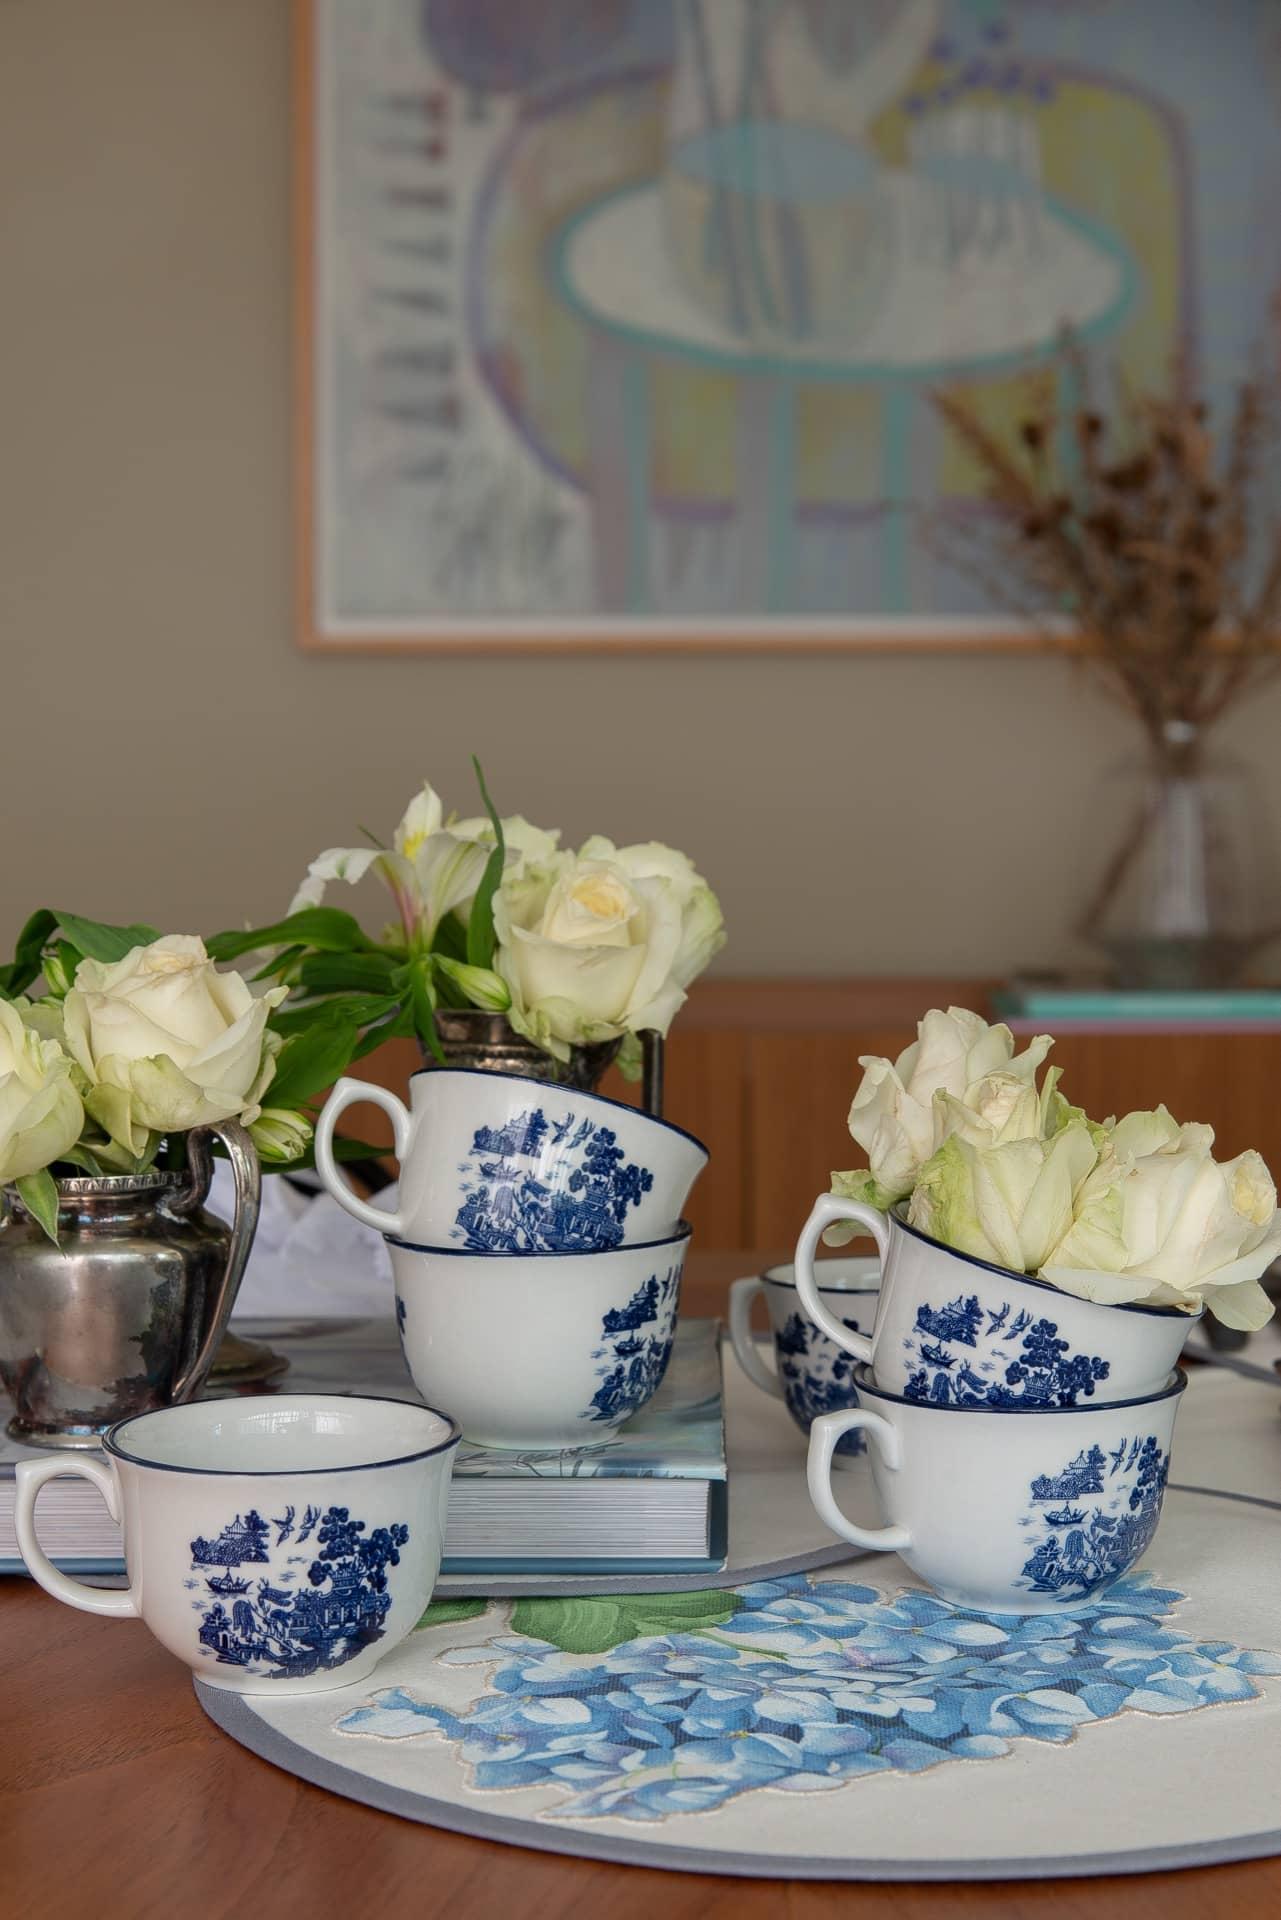 Imagem: Até as xícaras da porcelana Blue Willow, da Oxford, entram na dança para homenagear a mamãe! Empilhadas em várias alturas, elas também ajudam a compor o arranjo encantador no centro de mesa. Foto: Cacá Bratke